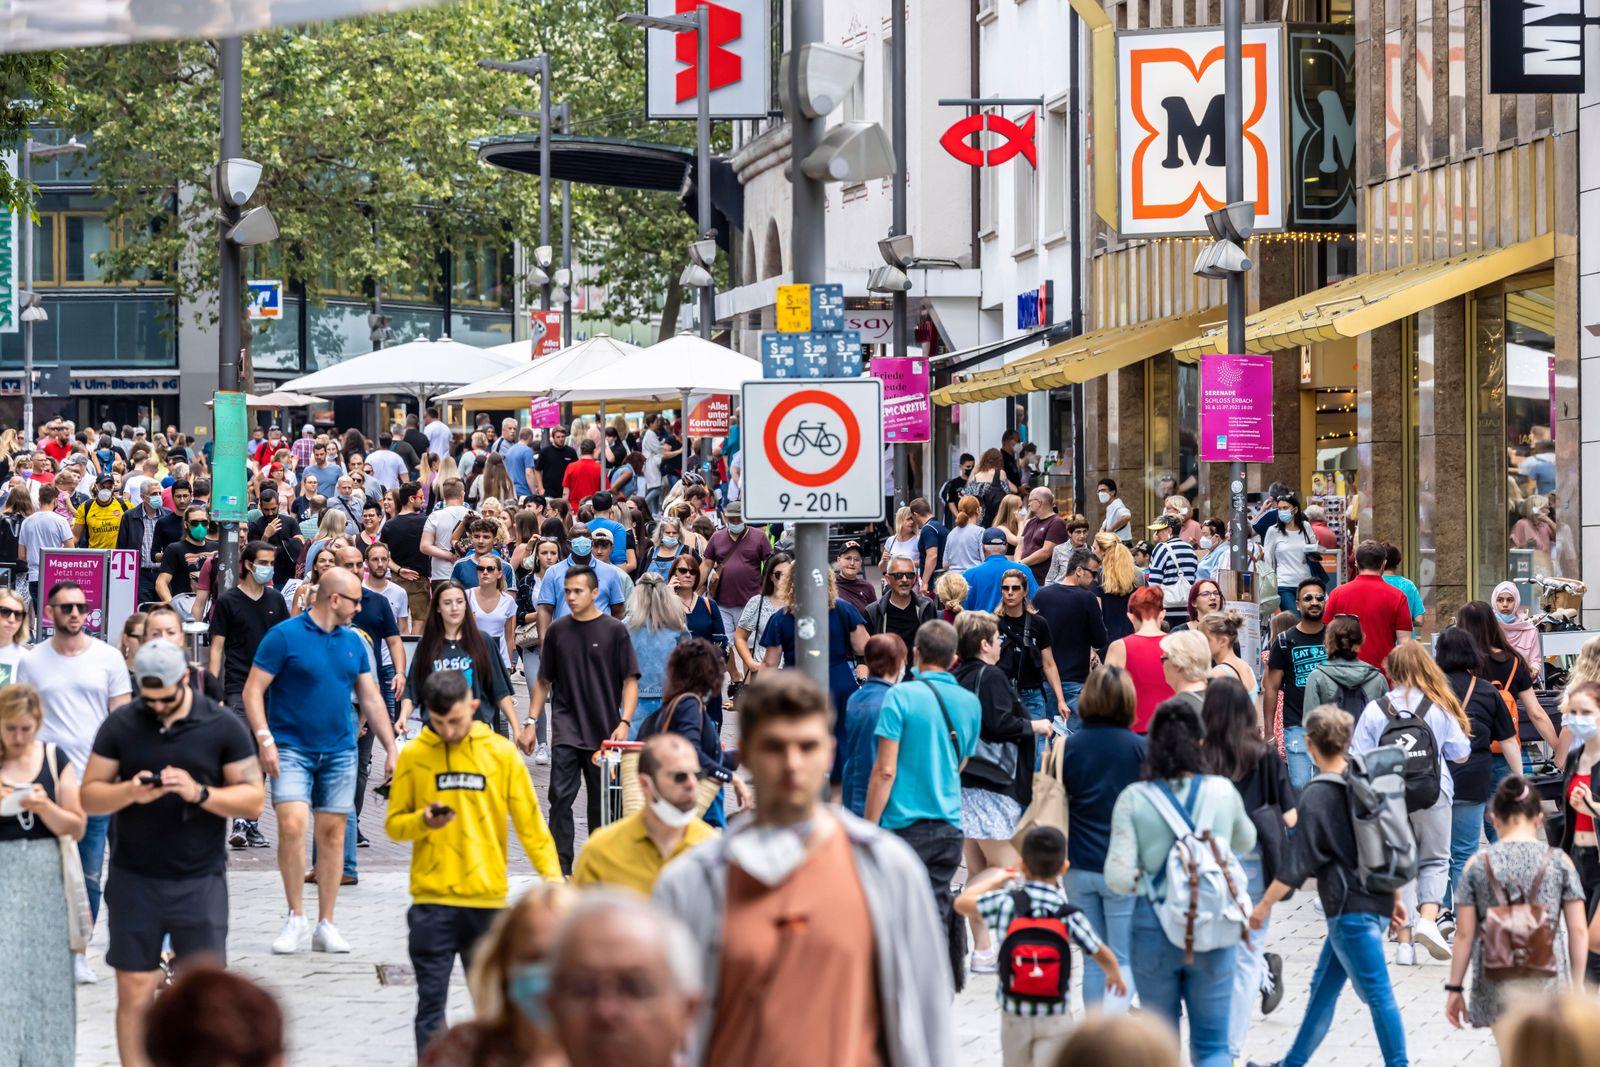 Fußgängerzone Ulm mit vielen Menschen in Zeiten der Corona-Pandemie. // 10.07.2021: DEU, Deutschland, Baden-Württemberg,